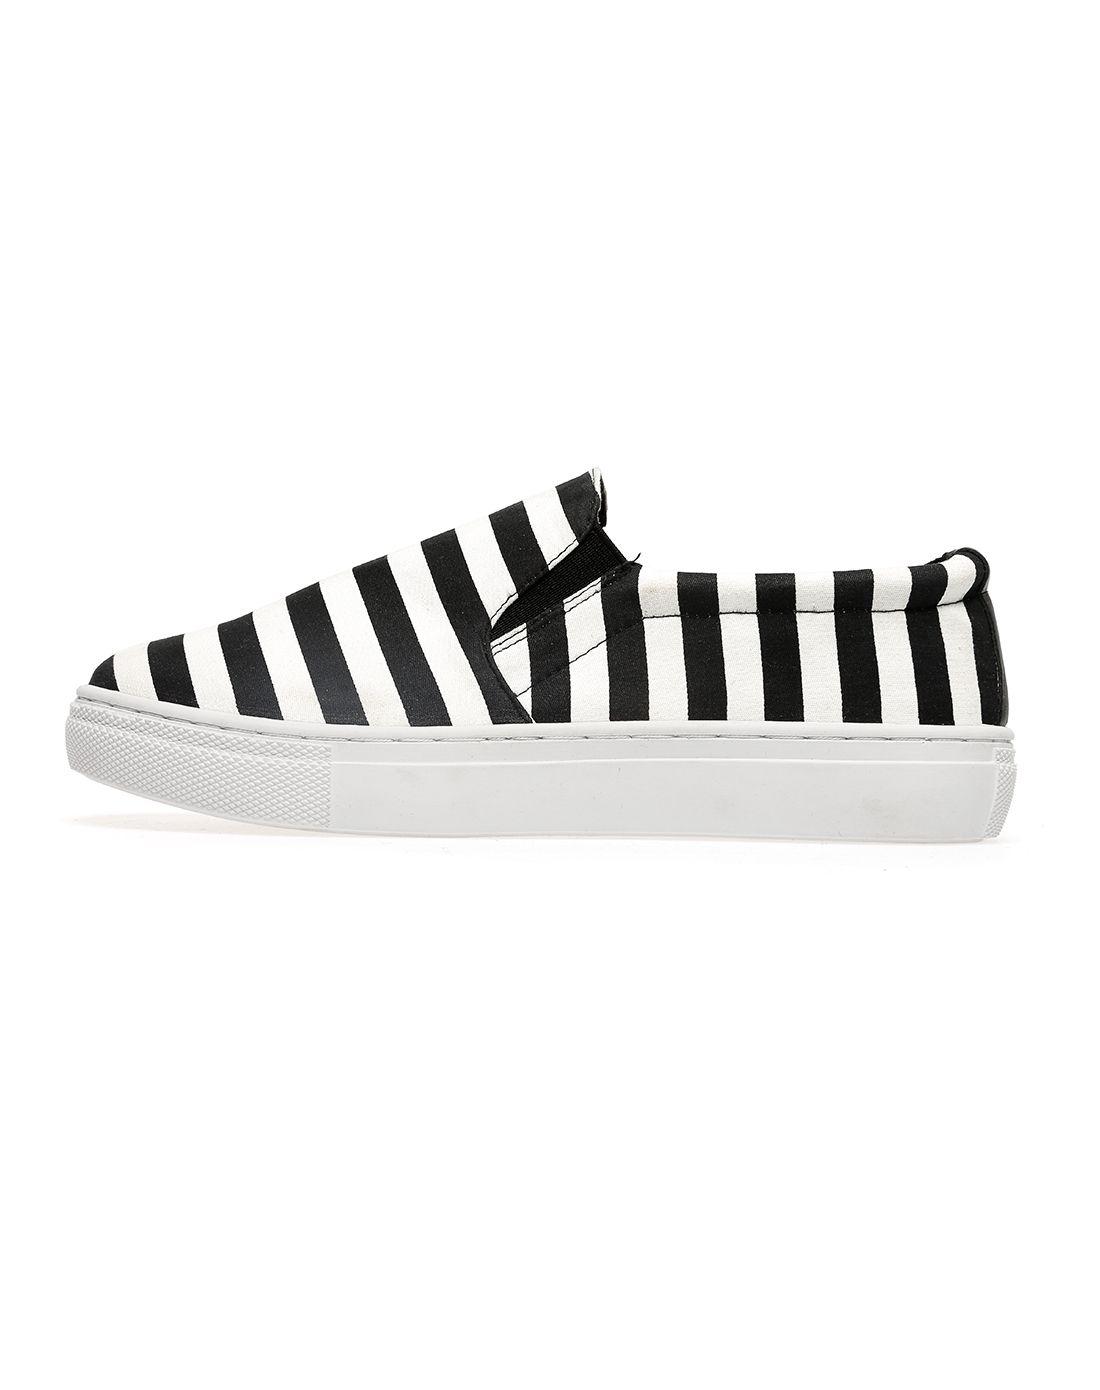 黑白条纹乐福鞋lf-09